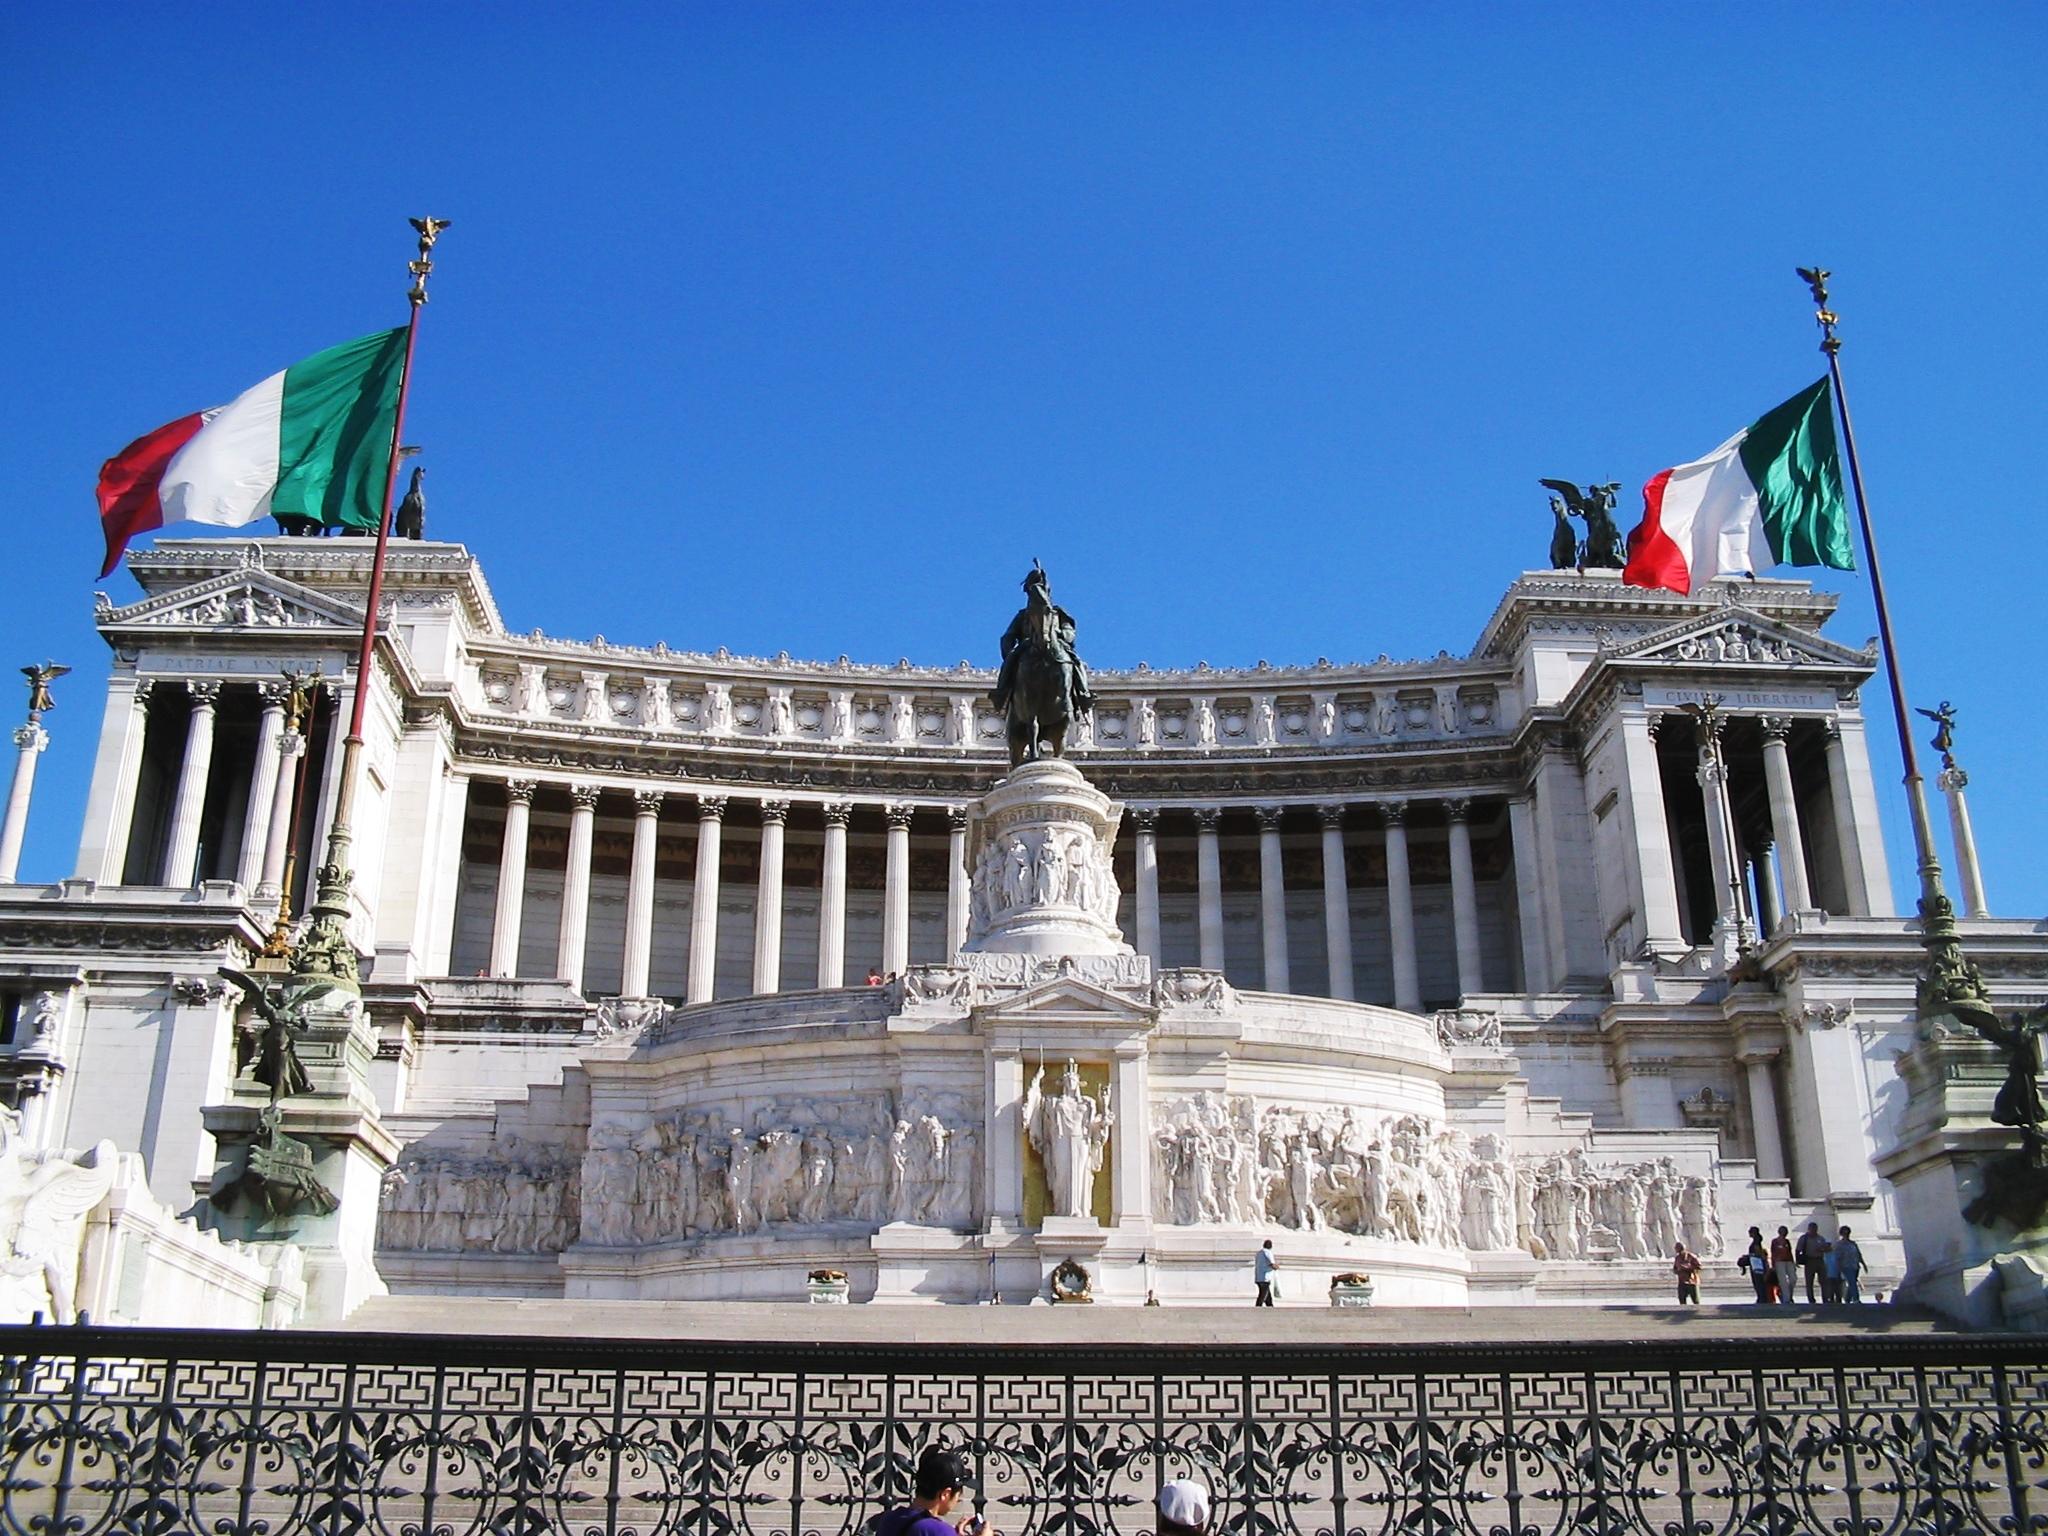 Mess -  https://commons.wikimedia.org/wiki/File:Vittoriano_(30_05_06).JPG